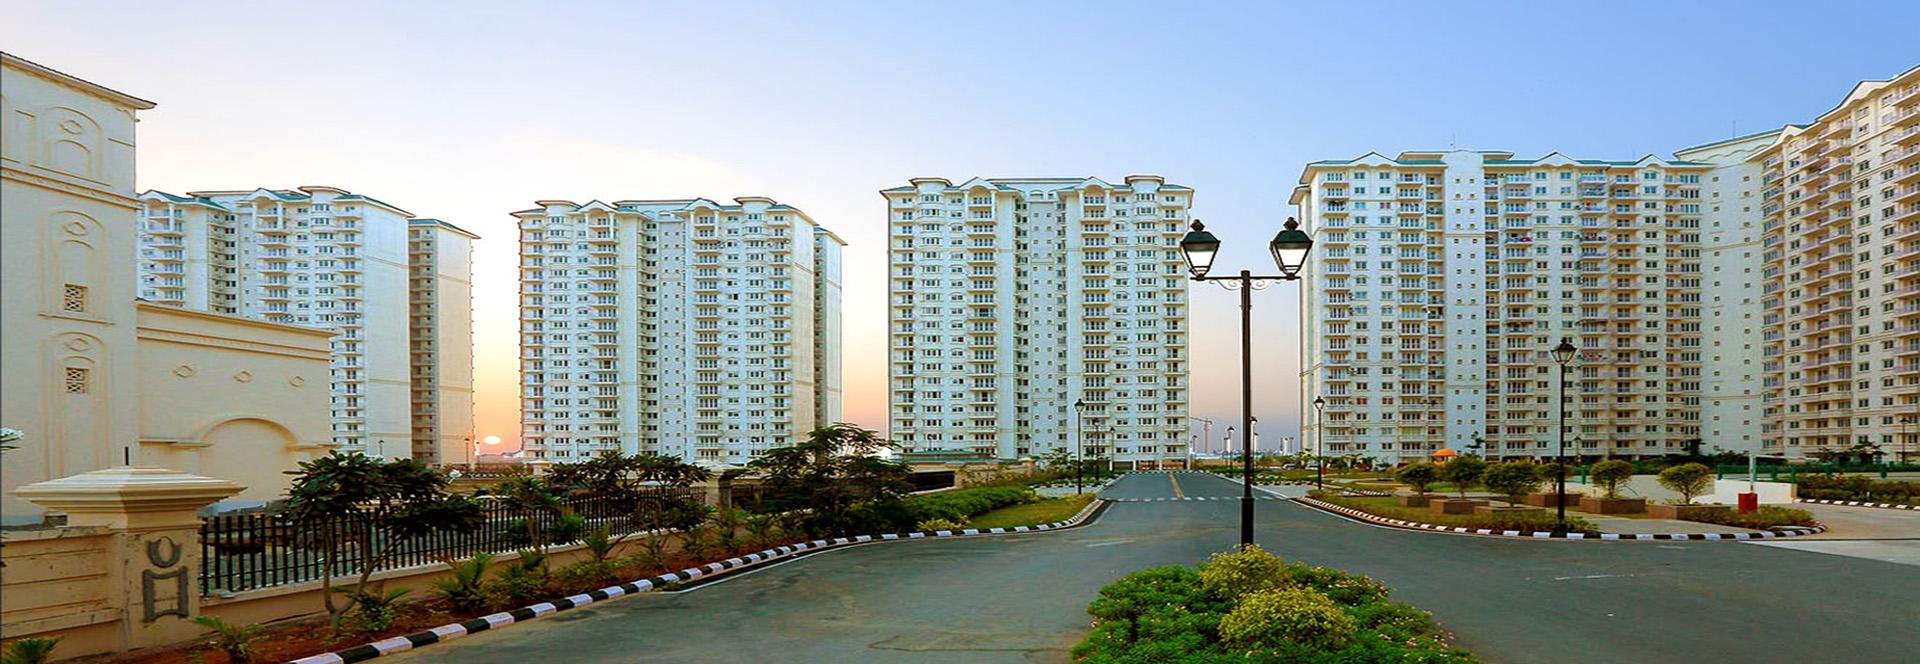 Dlf Garden City Omr Chennai Rent